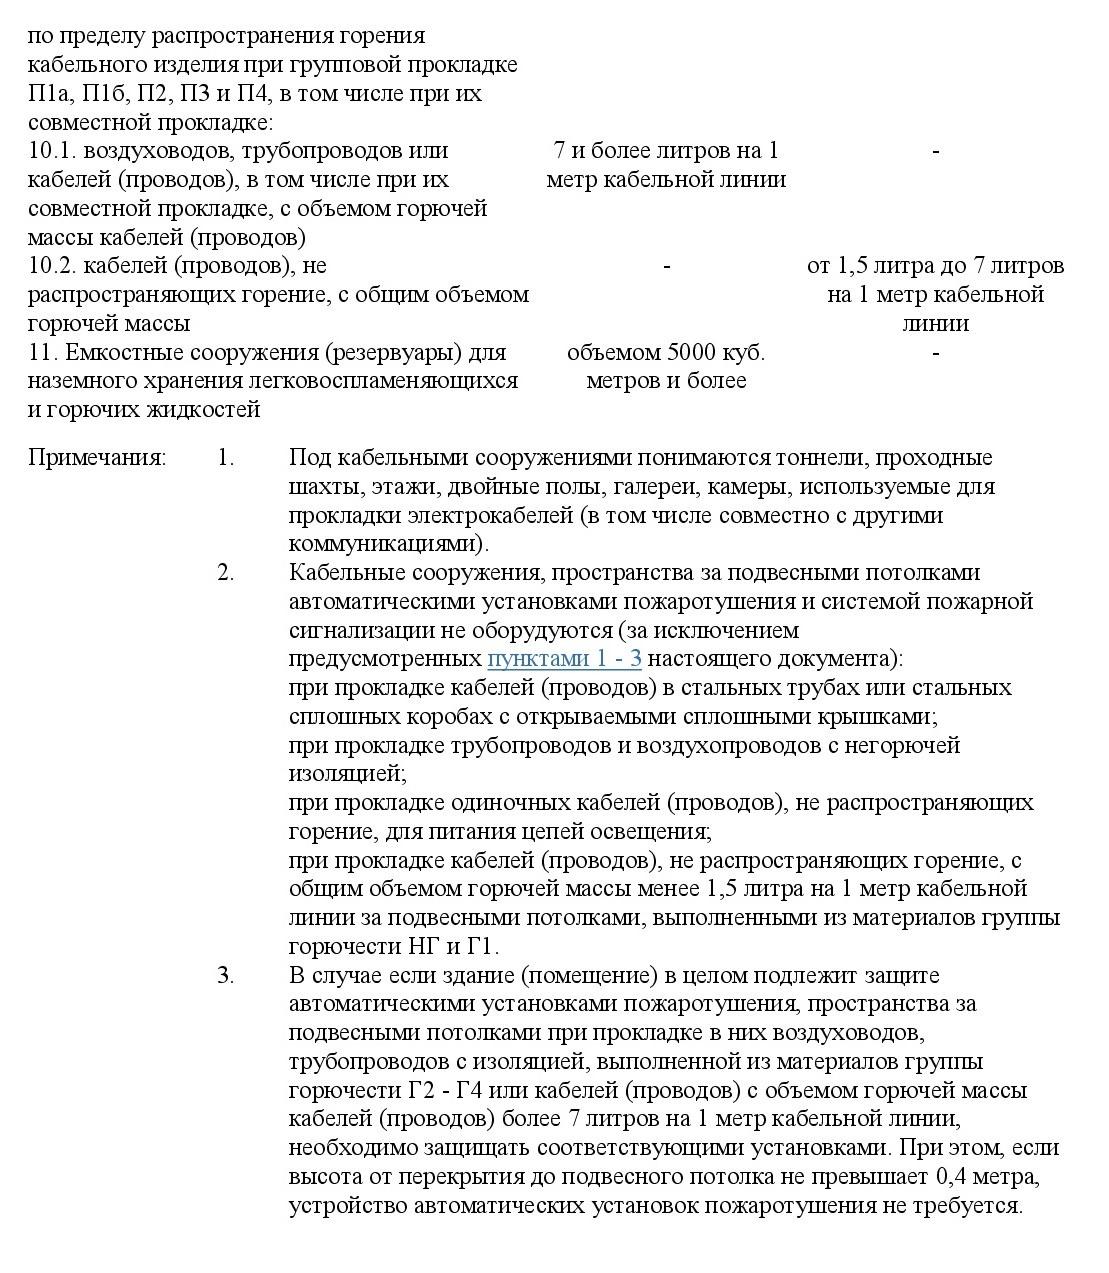 Постановление Правительства от 01.09.2021 №1464 4